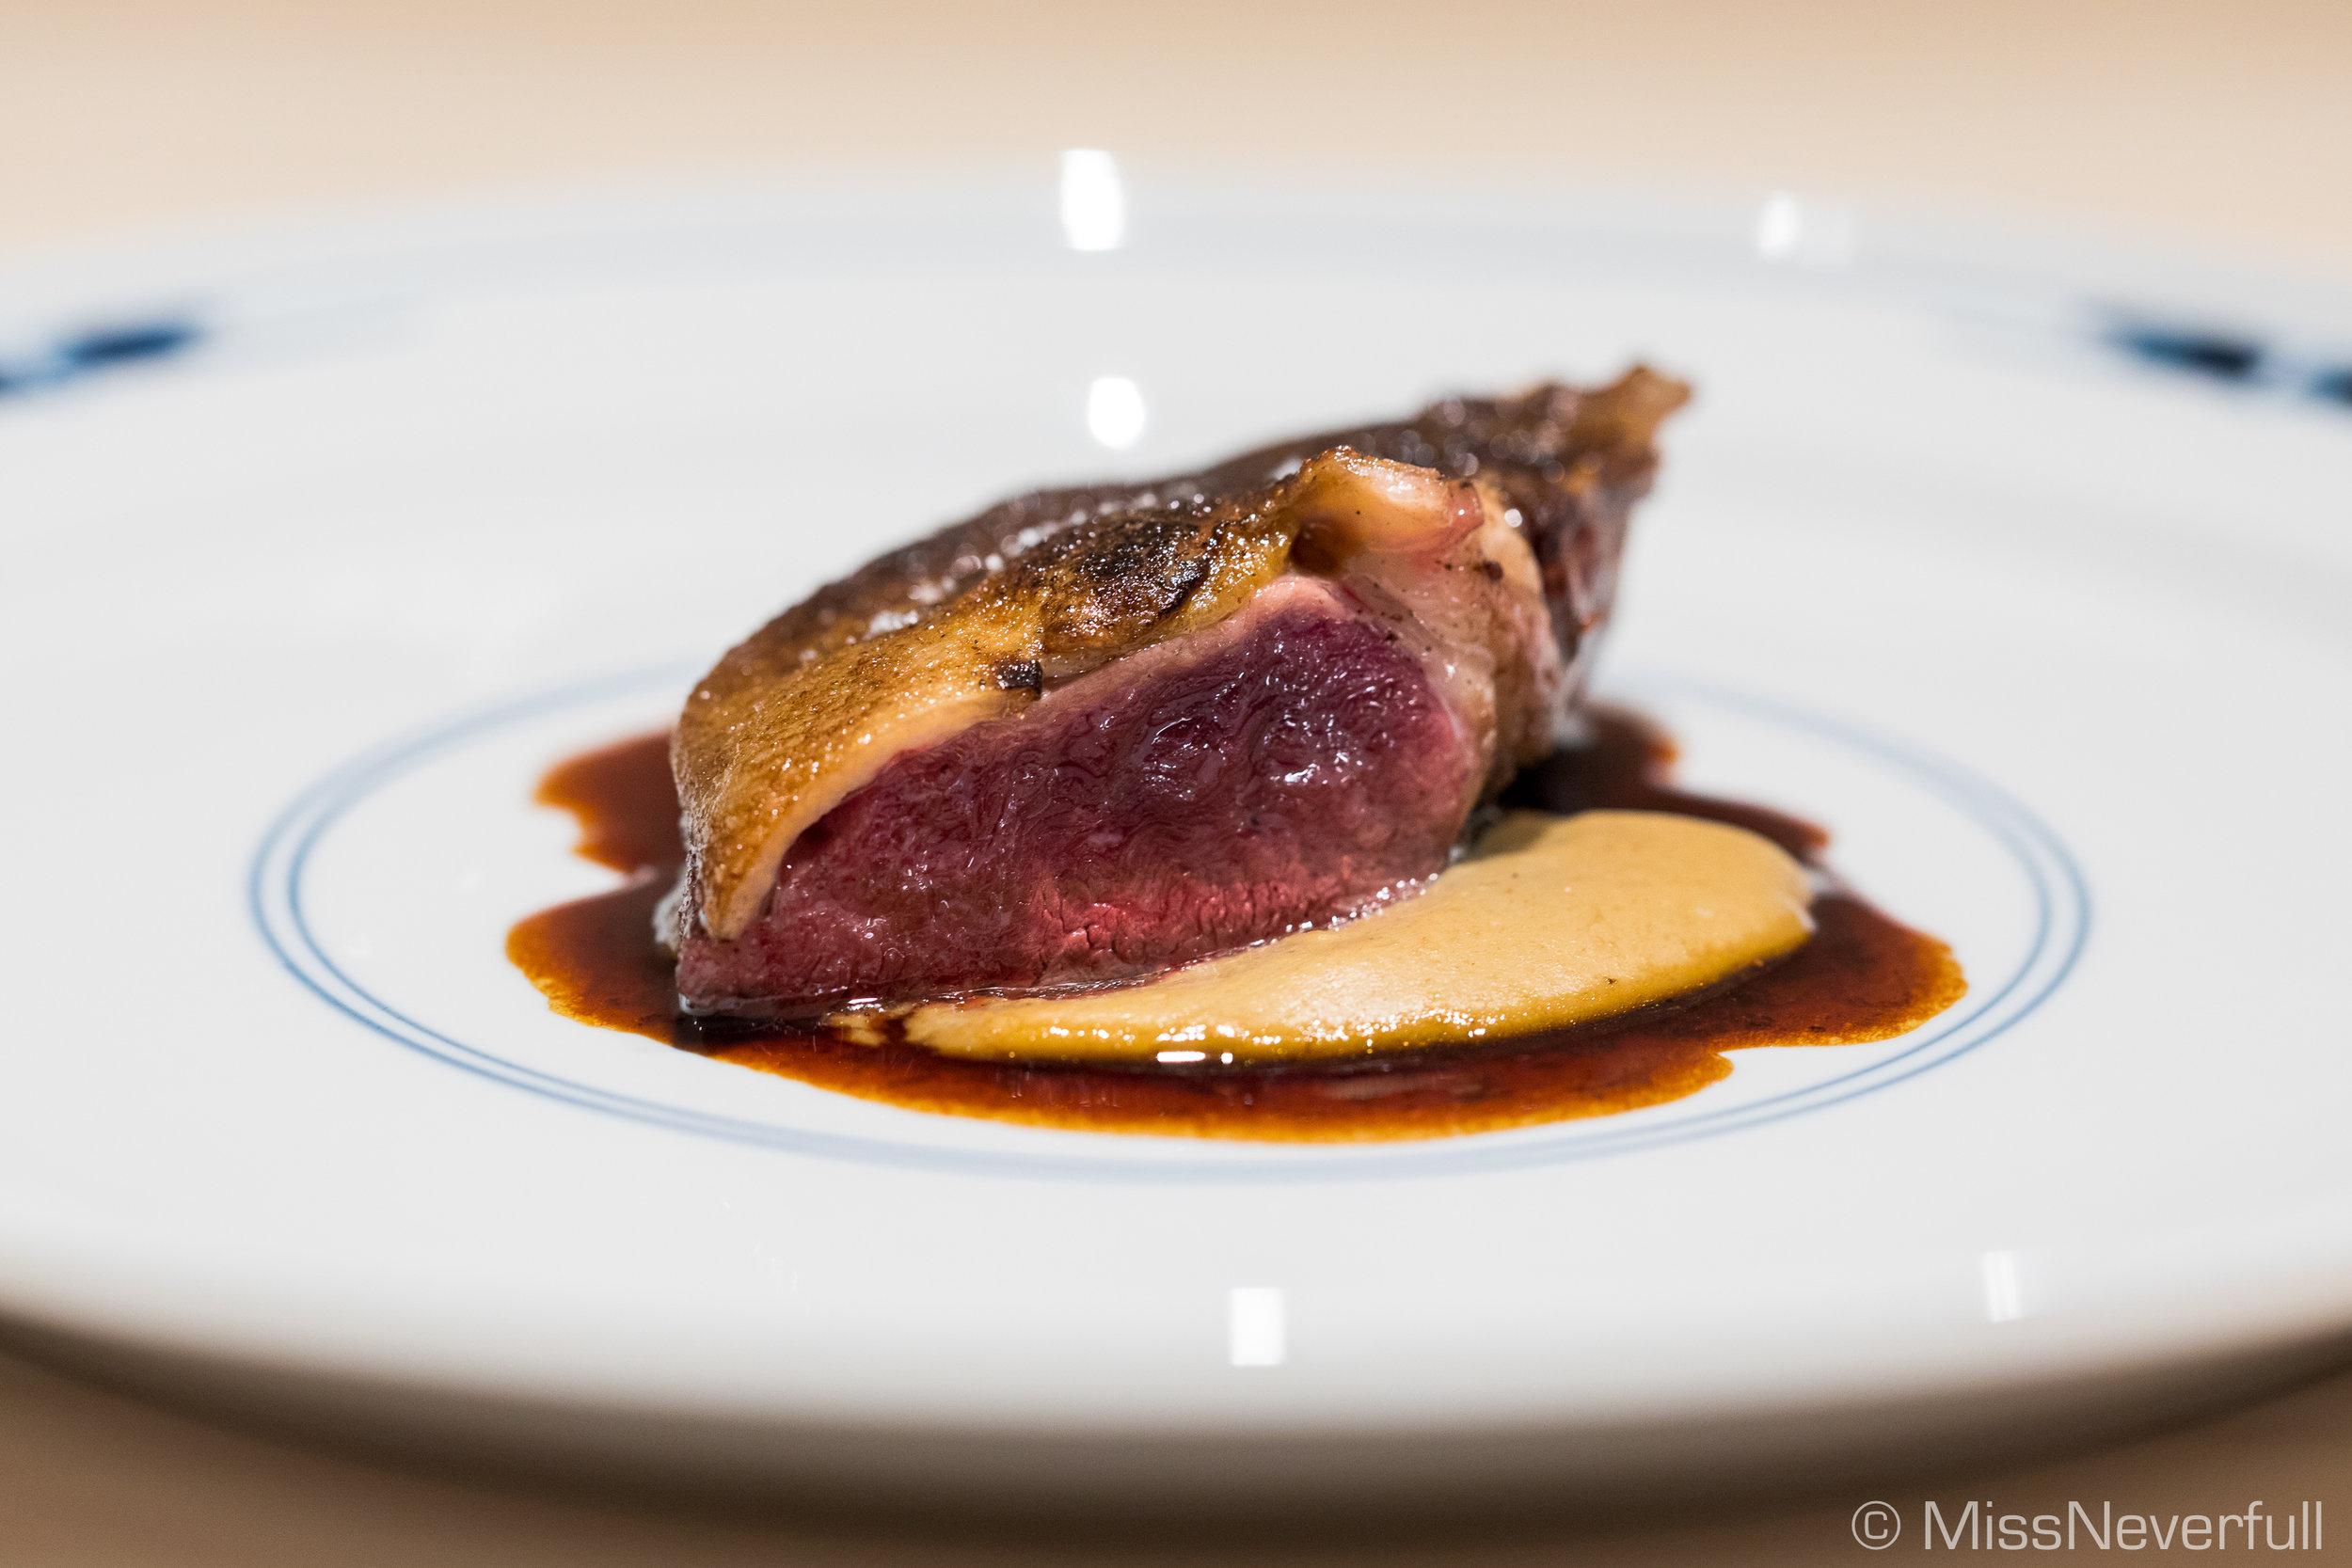 5.Roasted mallard duck from Gifu (岐阜県木曽川真鴨のロースト)